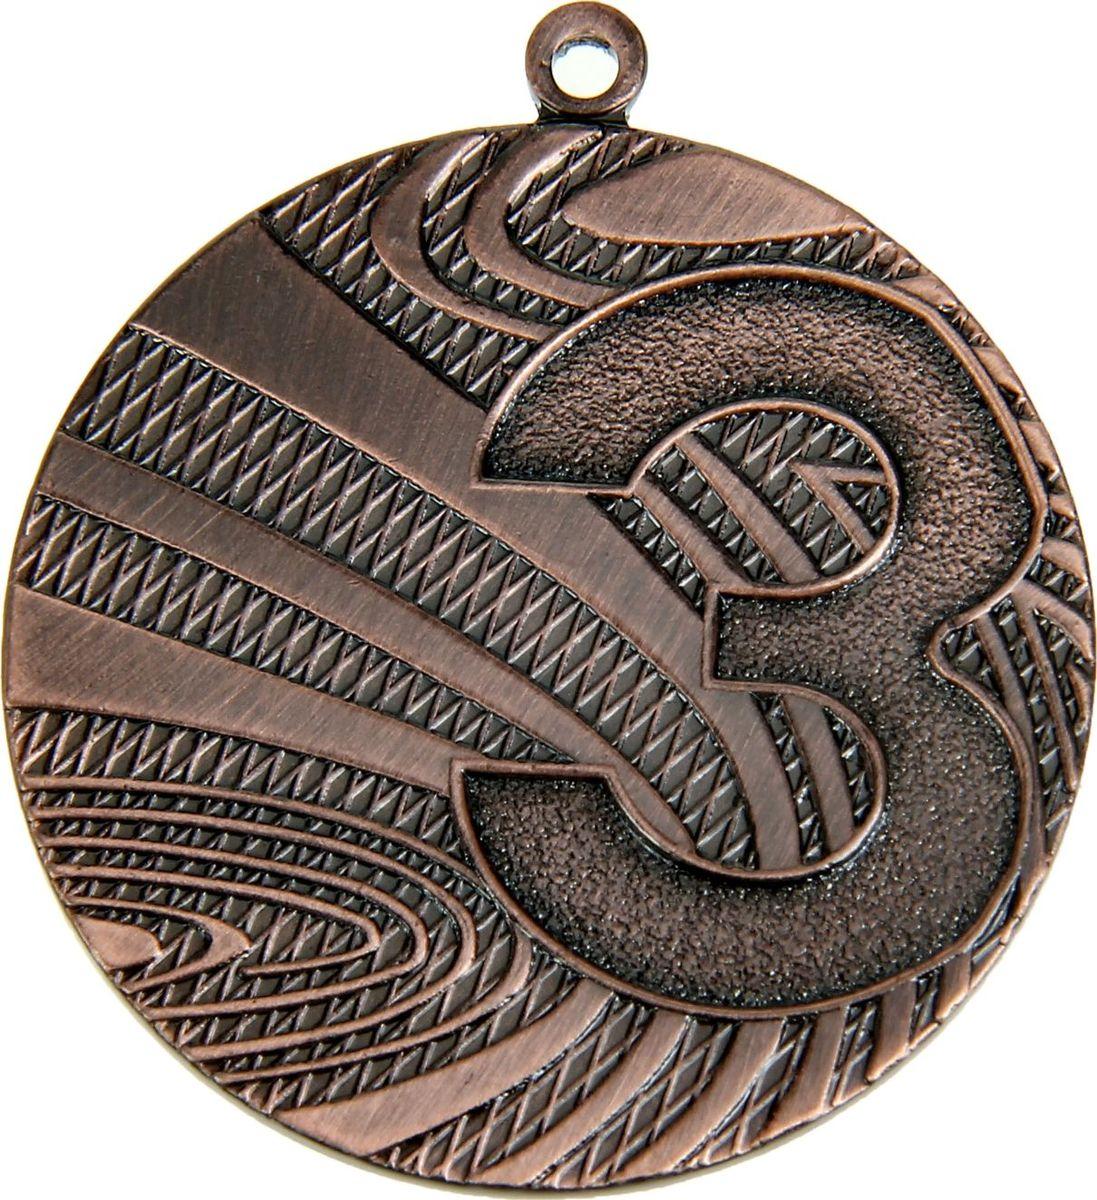 Медаль сувенирная 3 место, цвет: бронзовый, диаметр 4 см. 0161028907Медаль — знак отличия, которым награждают самых достойных. Она вручается лишь тем, кто проявил настойчивость и волю к победе. Каждое достижение — это важное событие, которое должно остаться в памяти на долгие годы. Любое спортивное состязание, профессиональное или среди любителей, любое корпоративное мероприятие — отличный повод для того, чтобы отметить лучших из лучших. Характеристики:Диаметр медали: 4 см Диаметр вкладыша (оборот): 3,5 см.